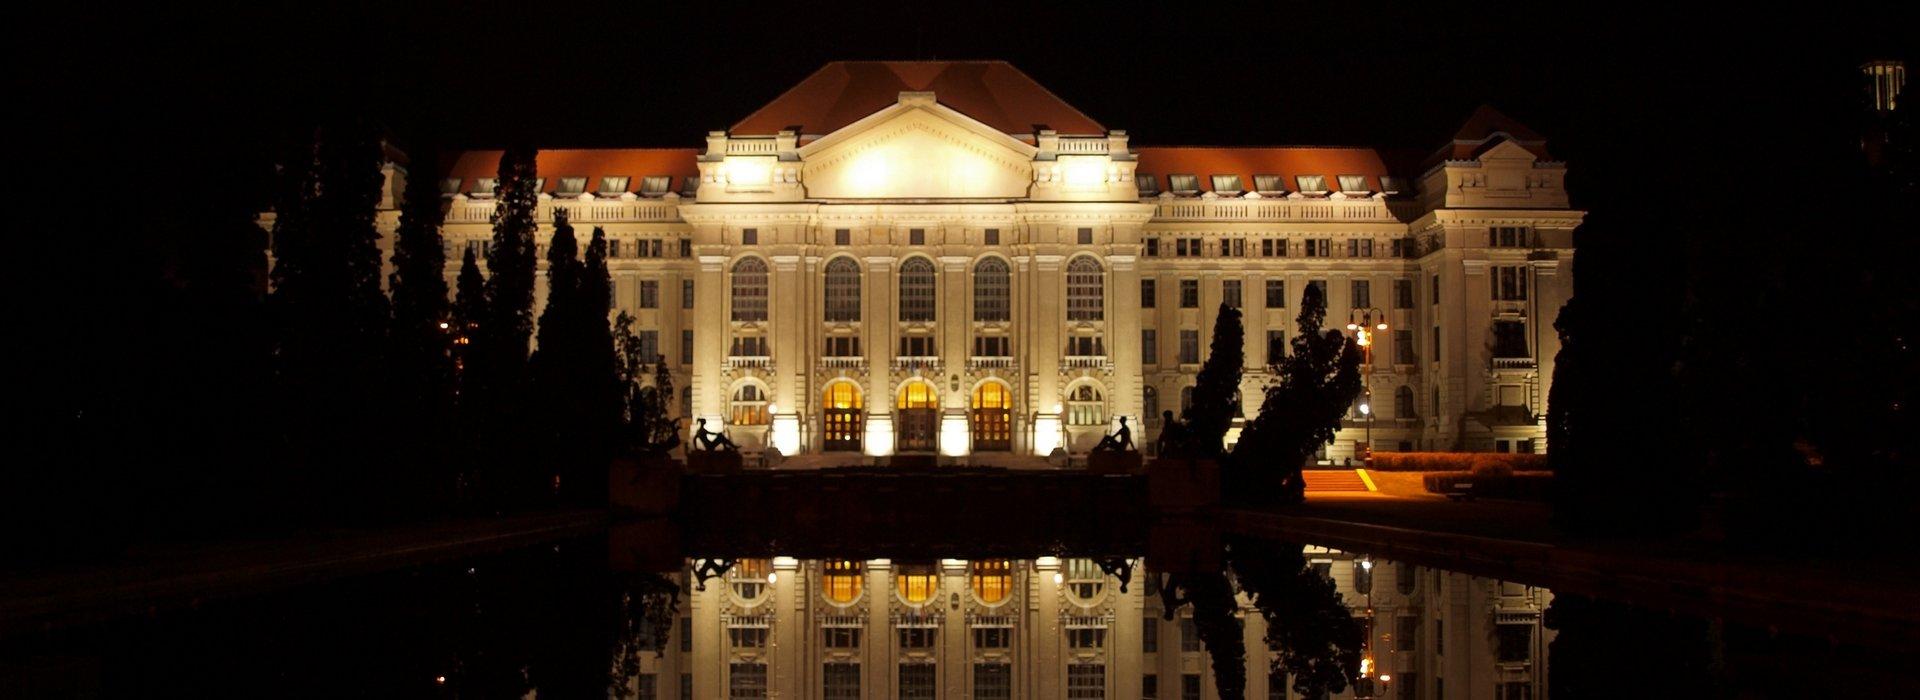 Debrecen Látnivalók